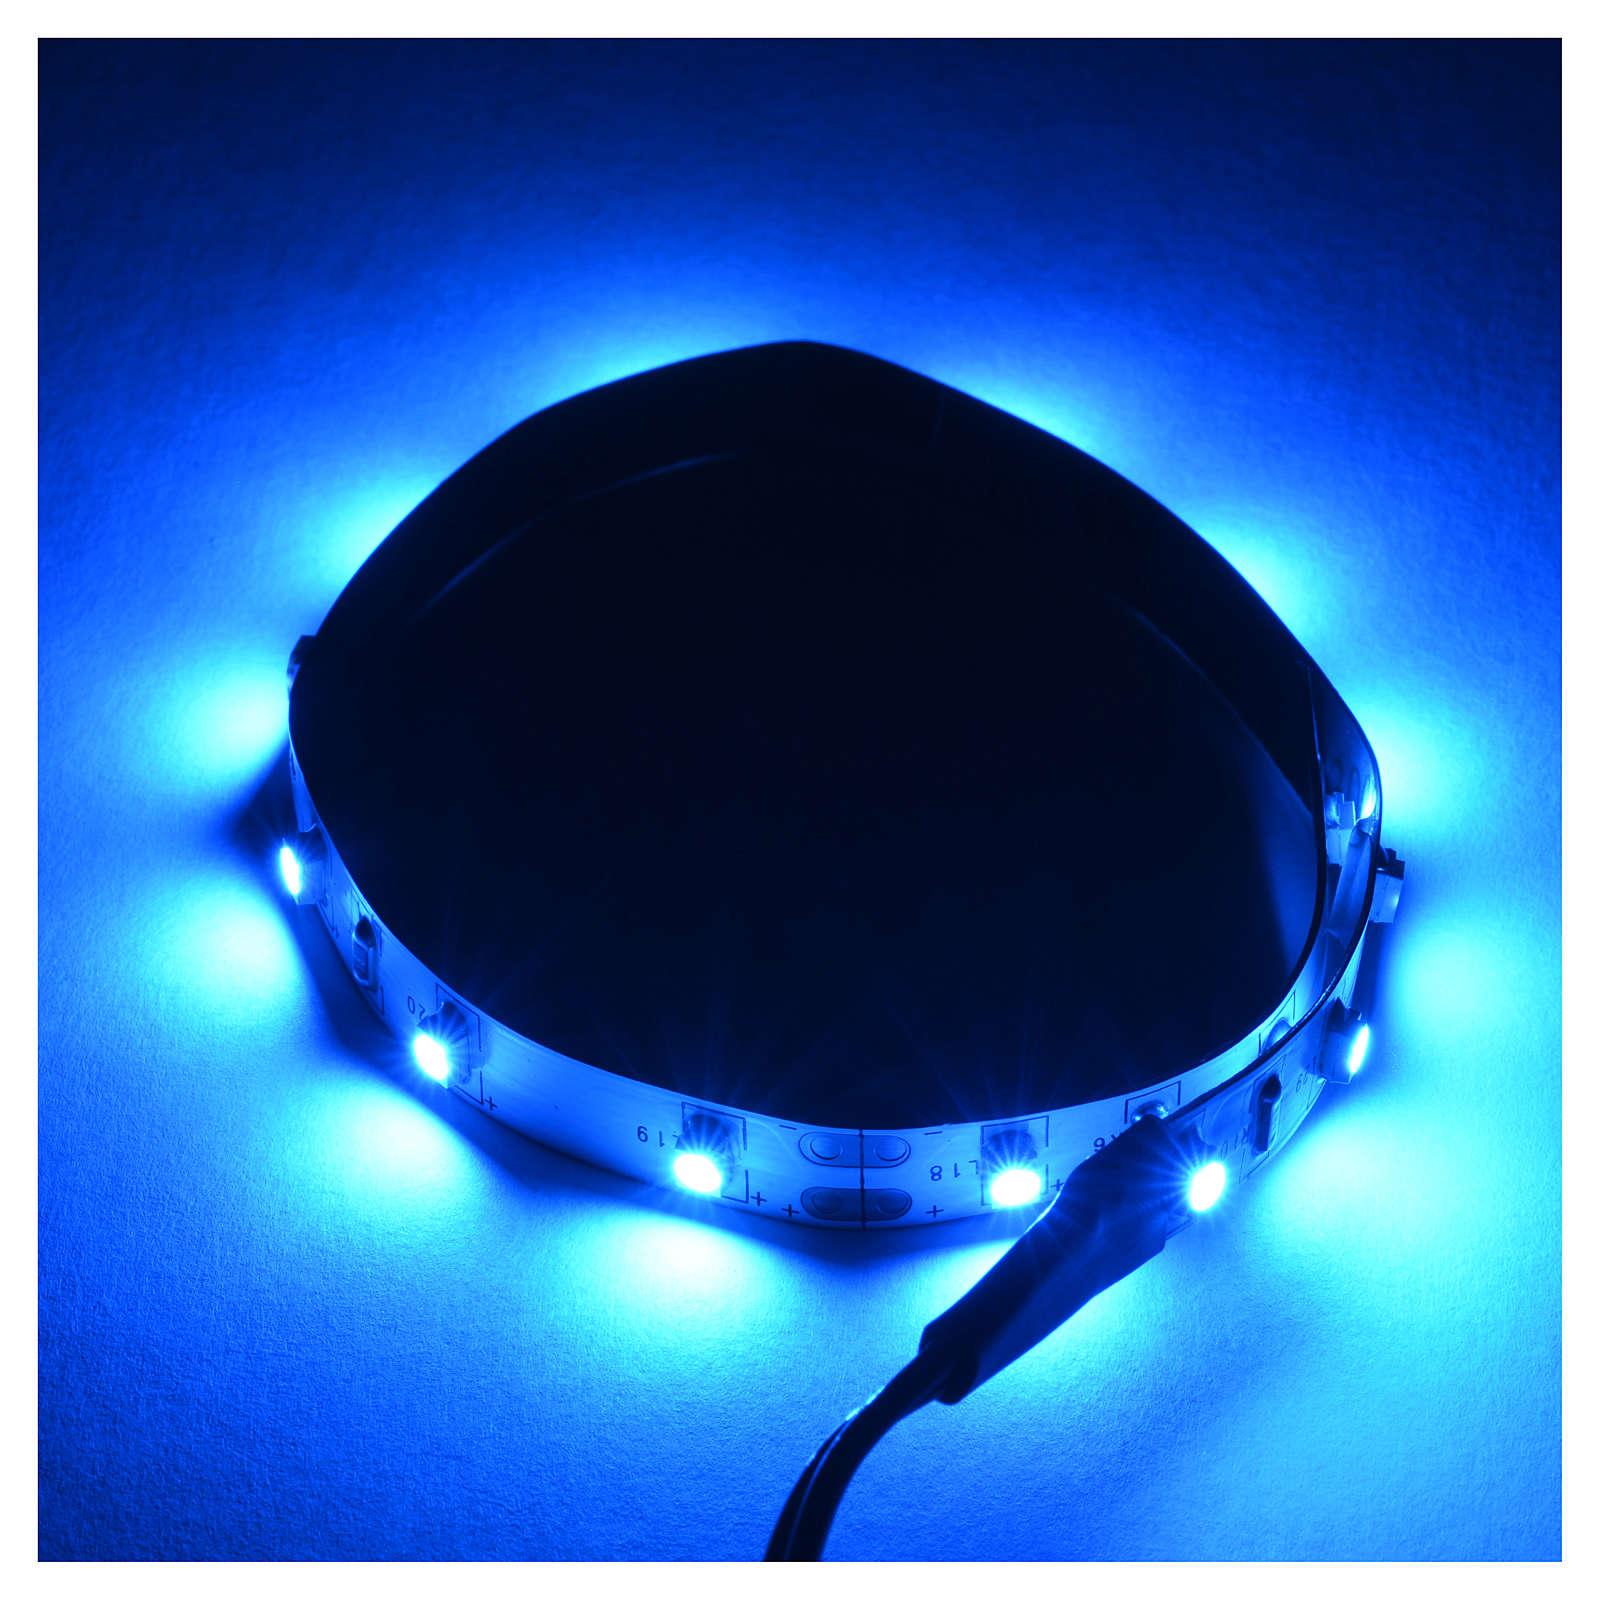 Tira de LED Power 'PS' 15 LED 0.8 x 25 cm. azul Frial Power 4